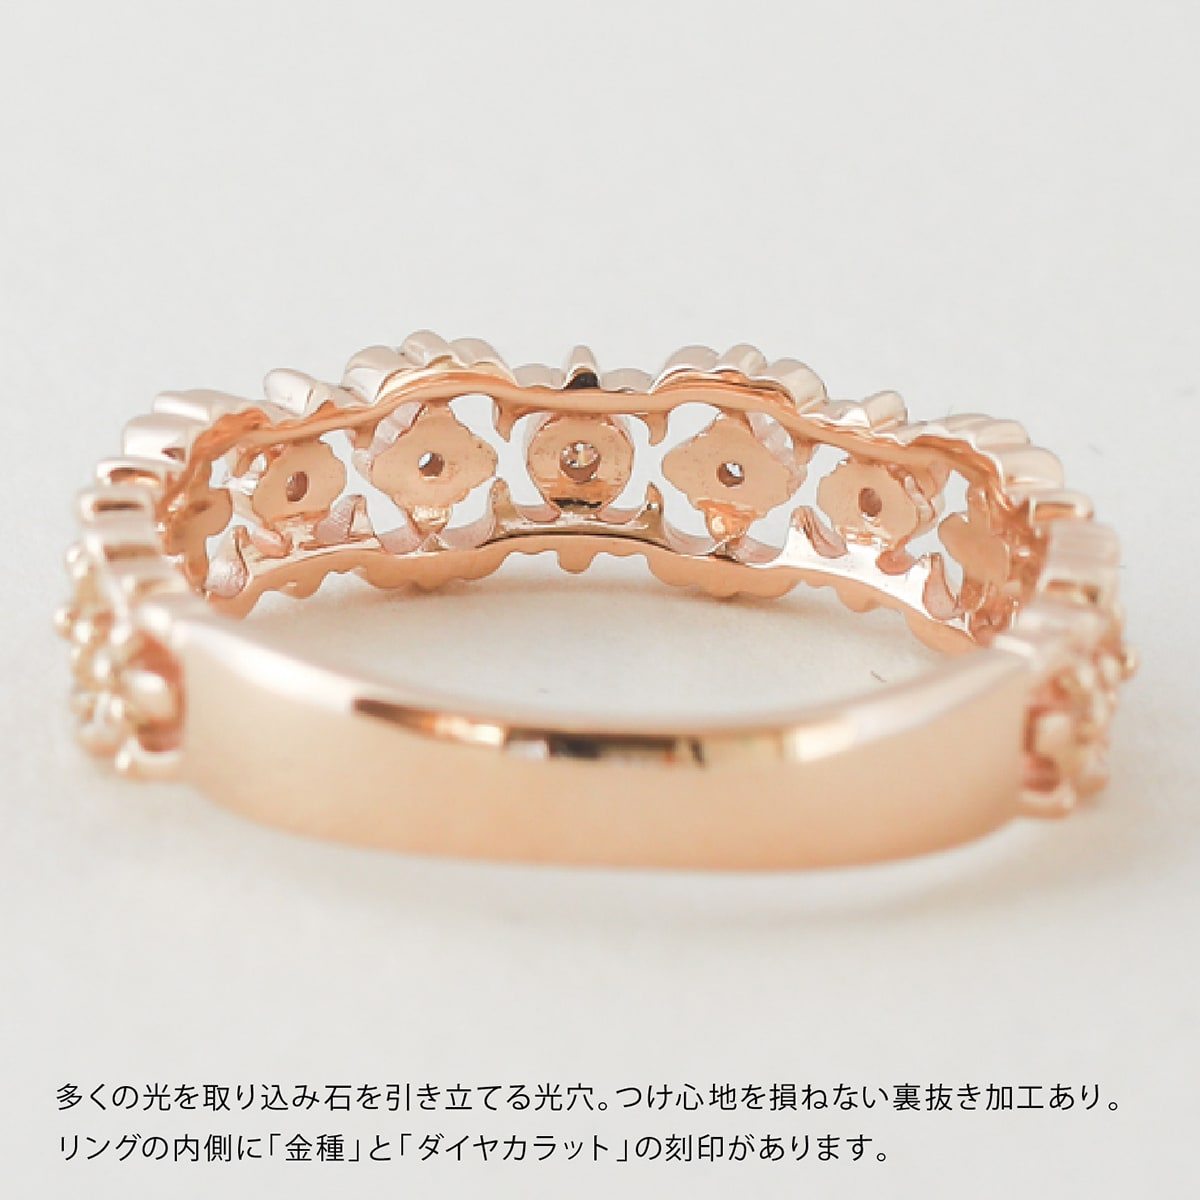 ダイヤモンド リング プラチナ900 ファッションリング 品質保証書 金属アレルギー 日本製 誕生日 ギフトKuTl1c5FJ3